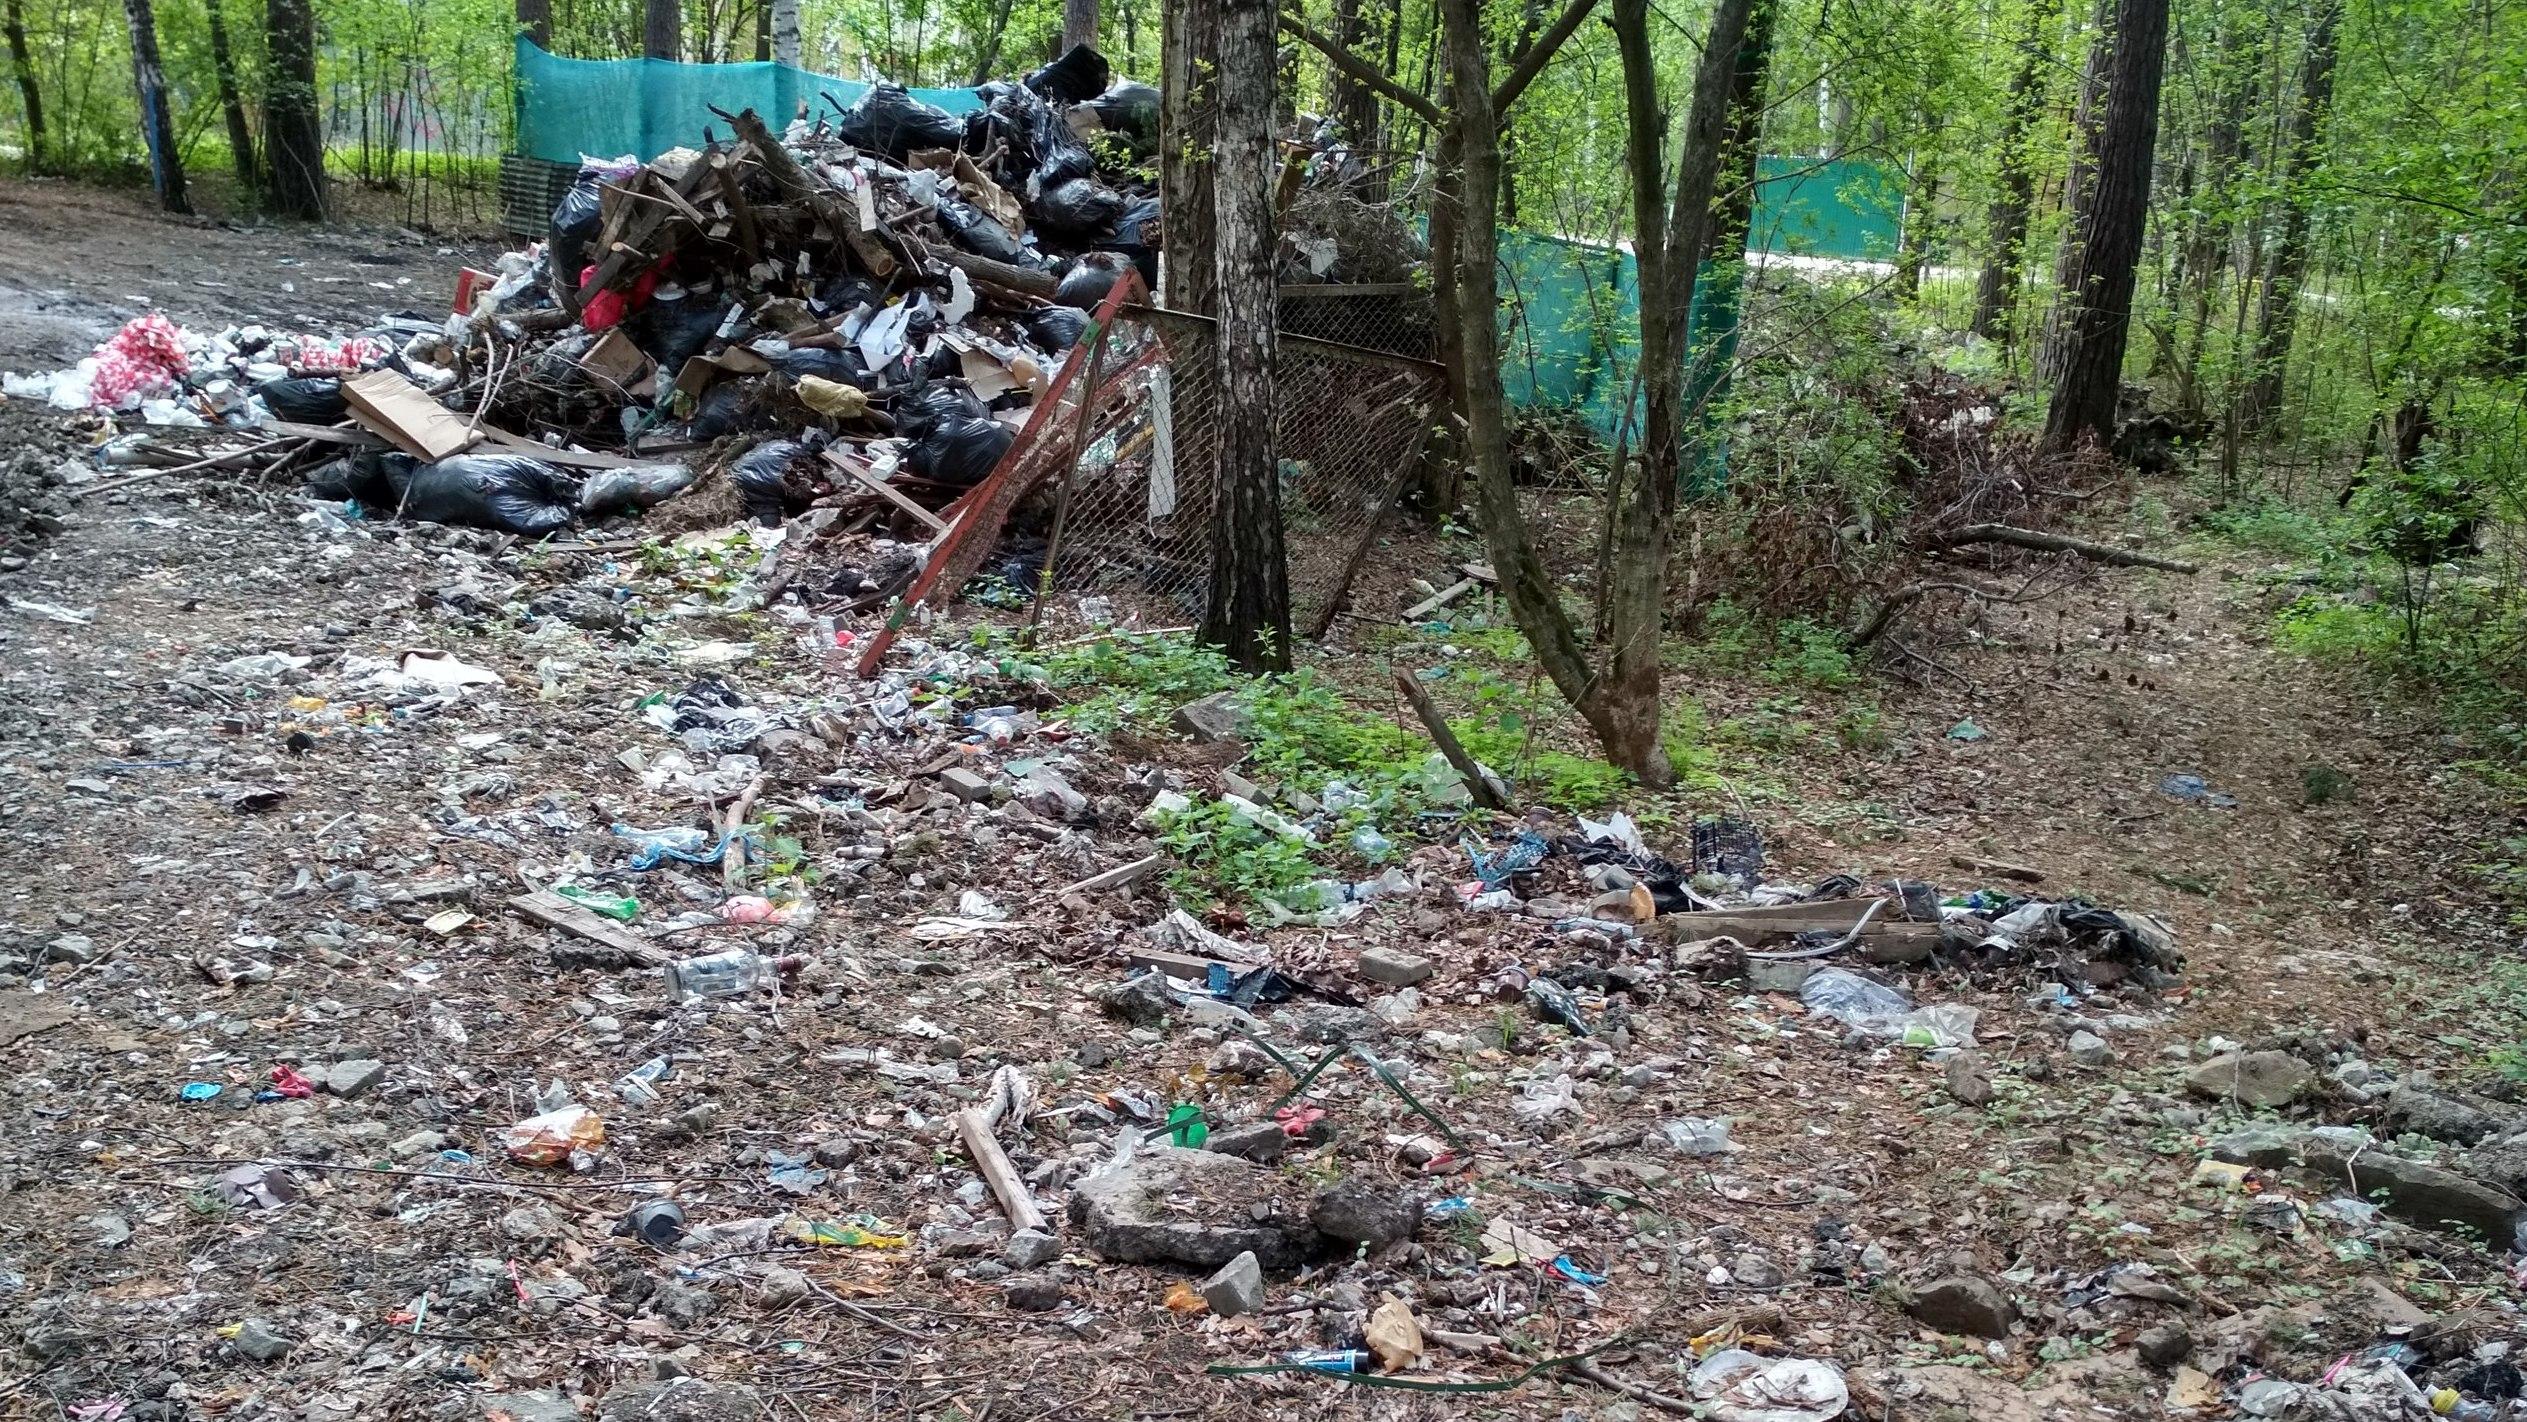 Генерал Шадрин обвинил лидера движения «Удобный город» в том, что тот раскидал мусор по ЦПКиО